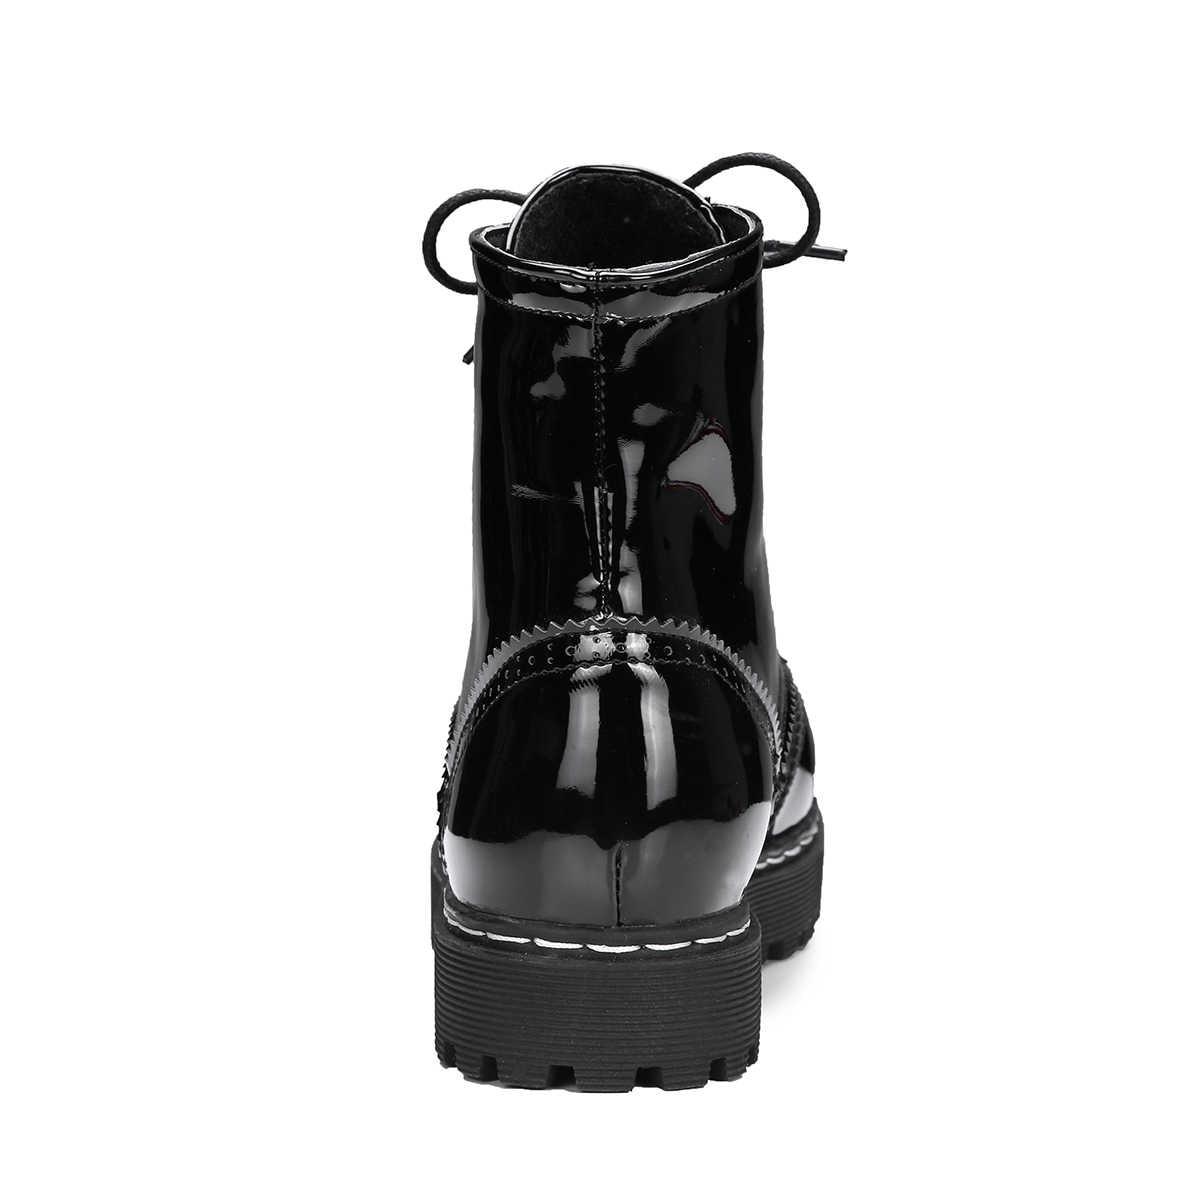 Kadın Çizmeler Düz Topuk yarım çizmeler Lace Up Moda Siyah Patent deri ayakkabı Sonbahar Kış Bayanlar Ayakkabı Artı Boyutu 2018 Yeni